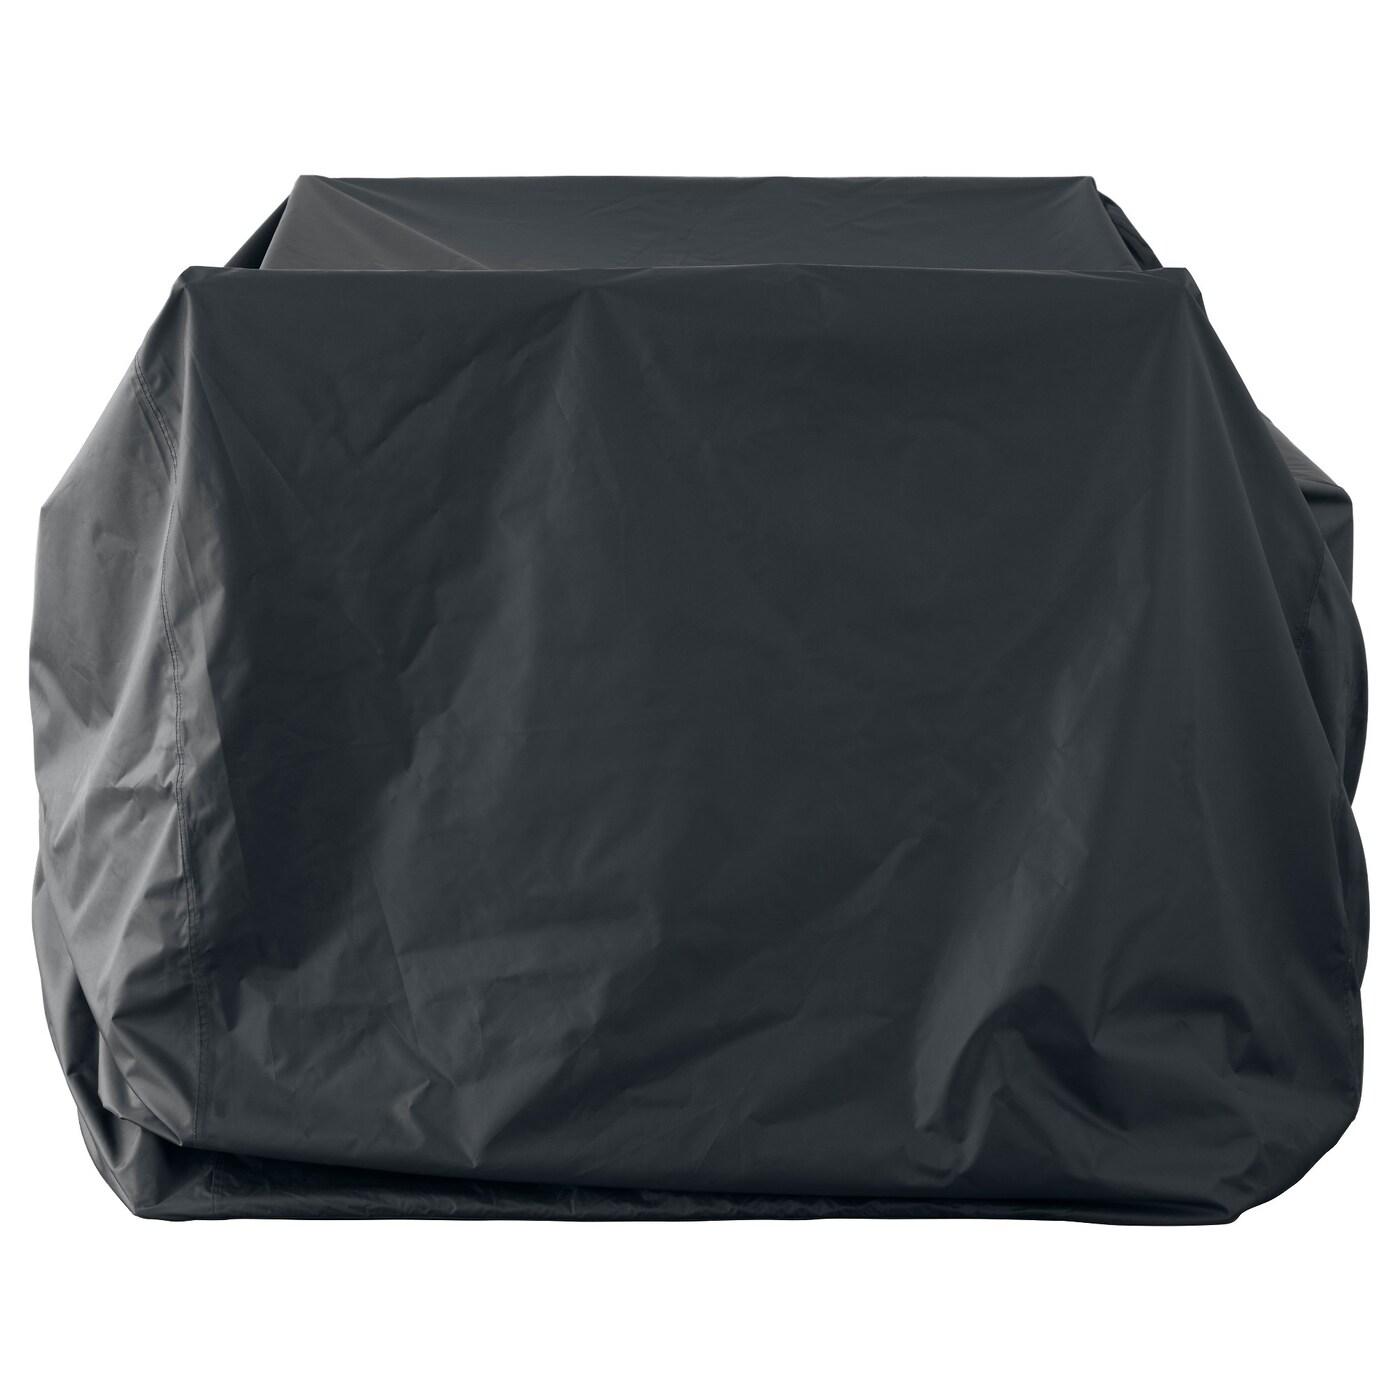 Toster housse mobilier ext rieur noir 145x145 cm ikea - Mobilier exterieur ikea ...